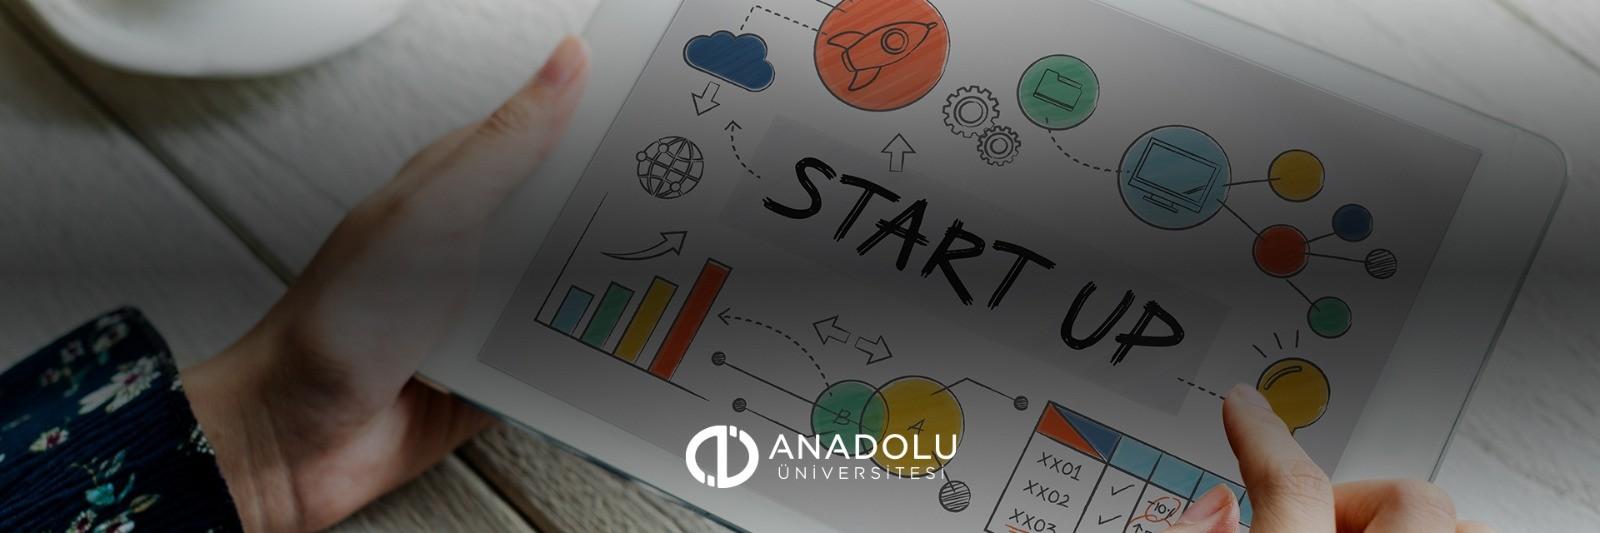 www anadolu edu tr